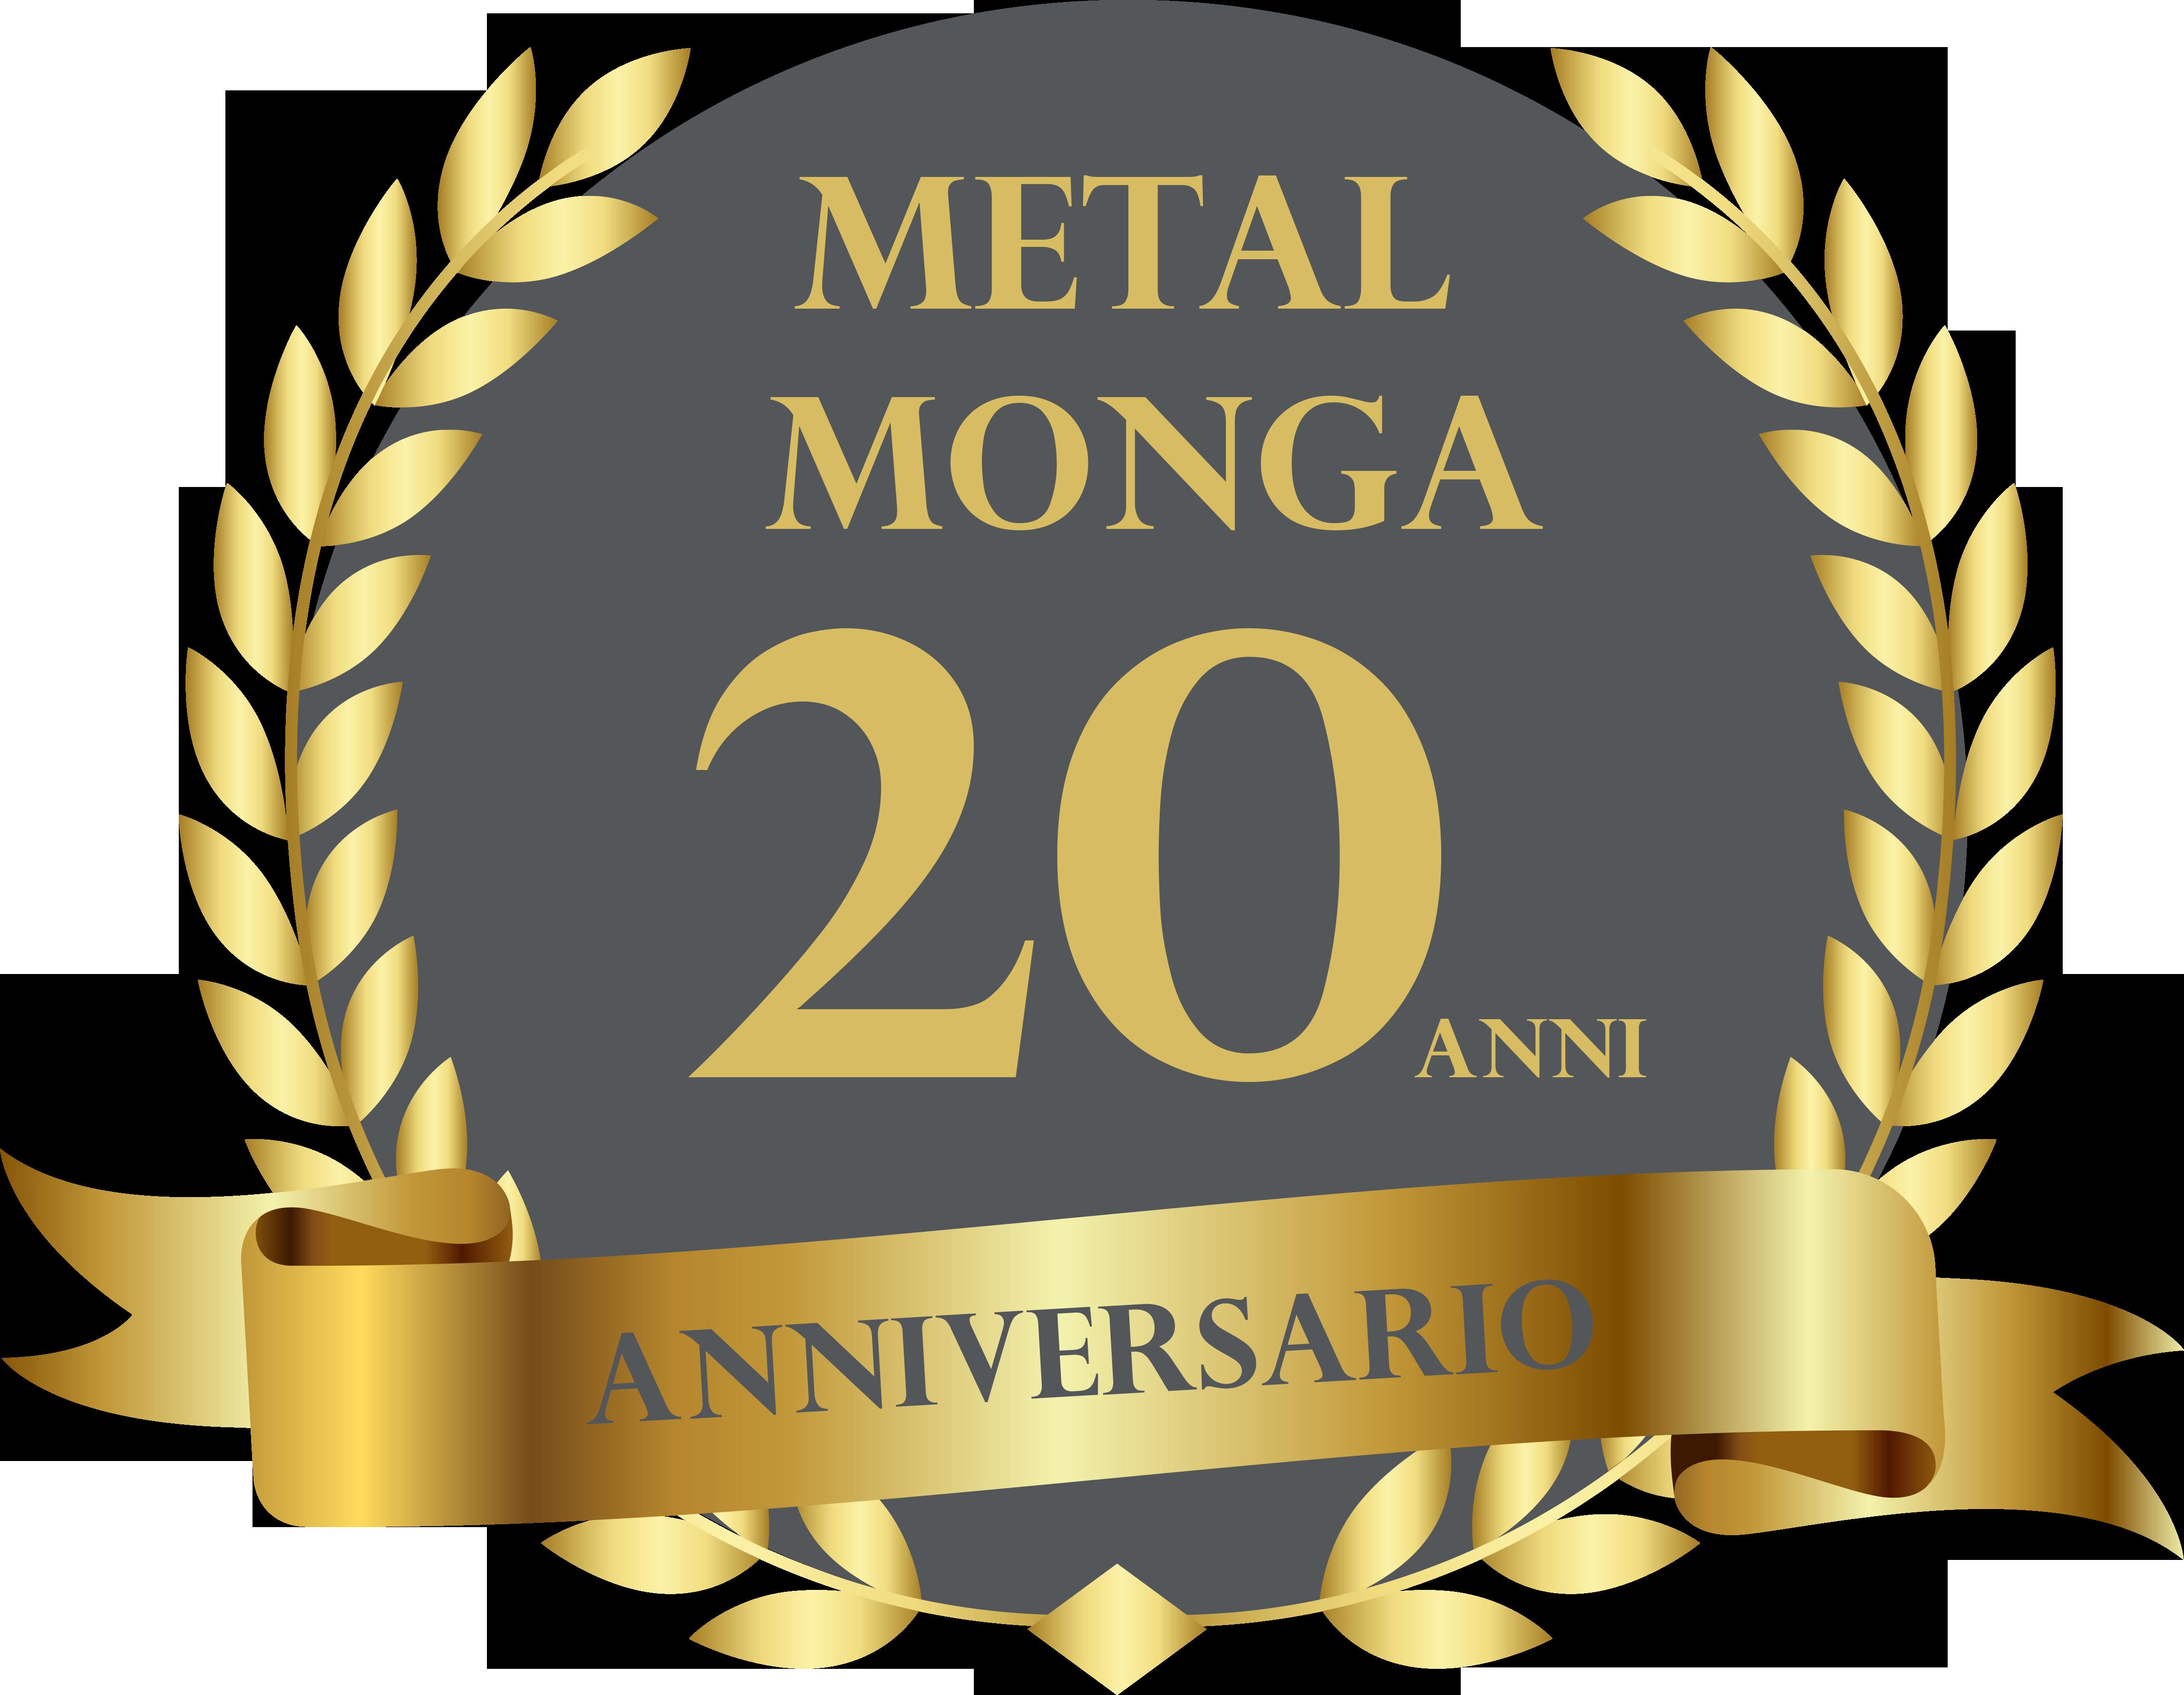 20 ANNI METAL MONGA - HOME